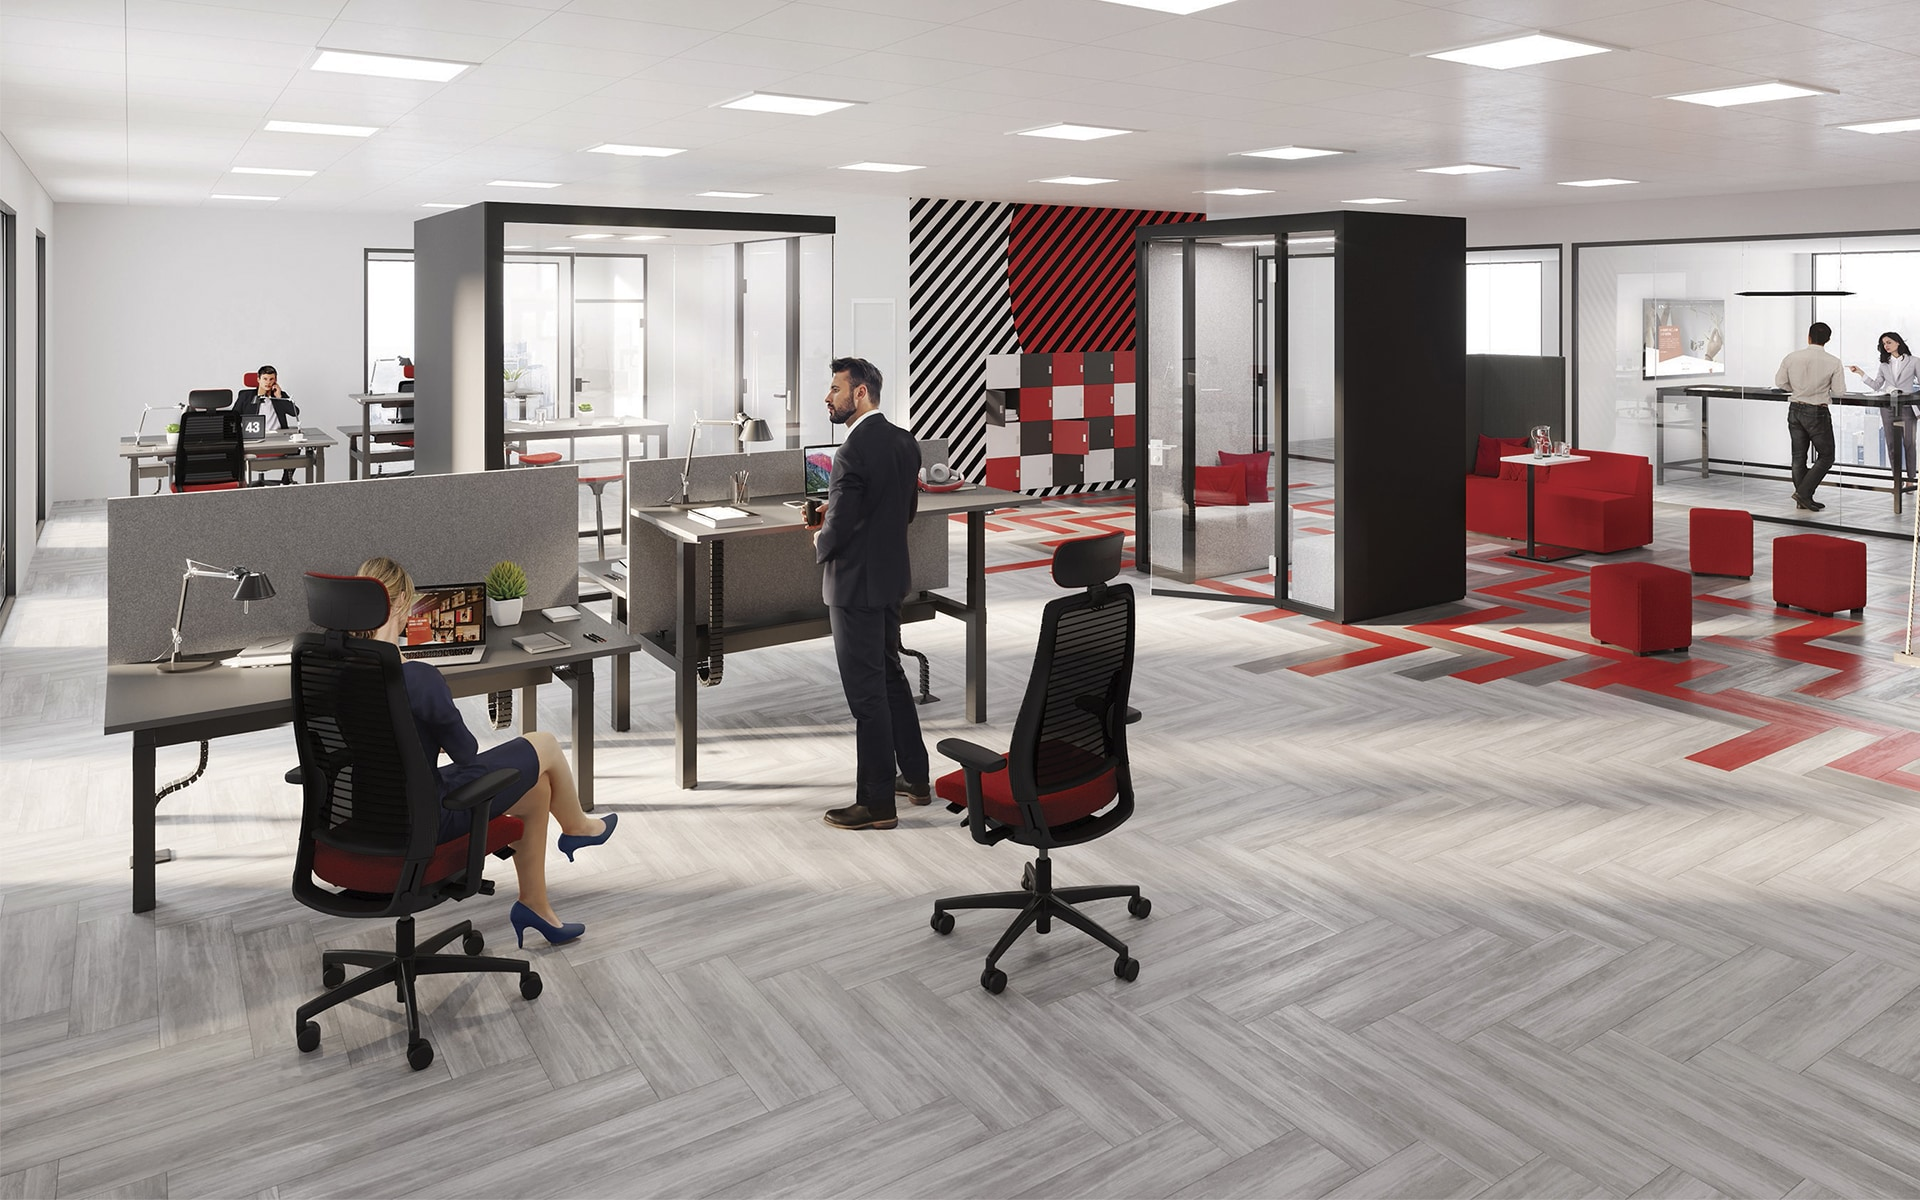 Design-Großraumbüro mit mehreren K+N Okay III Bürostühlen von ITO Design in schwarz und rot